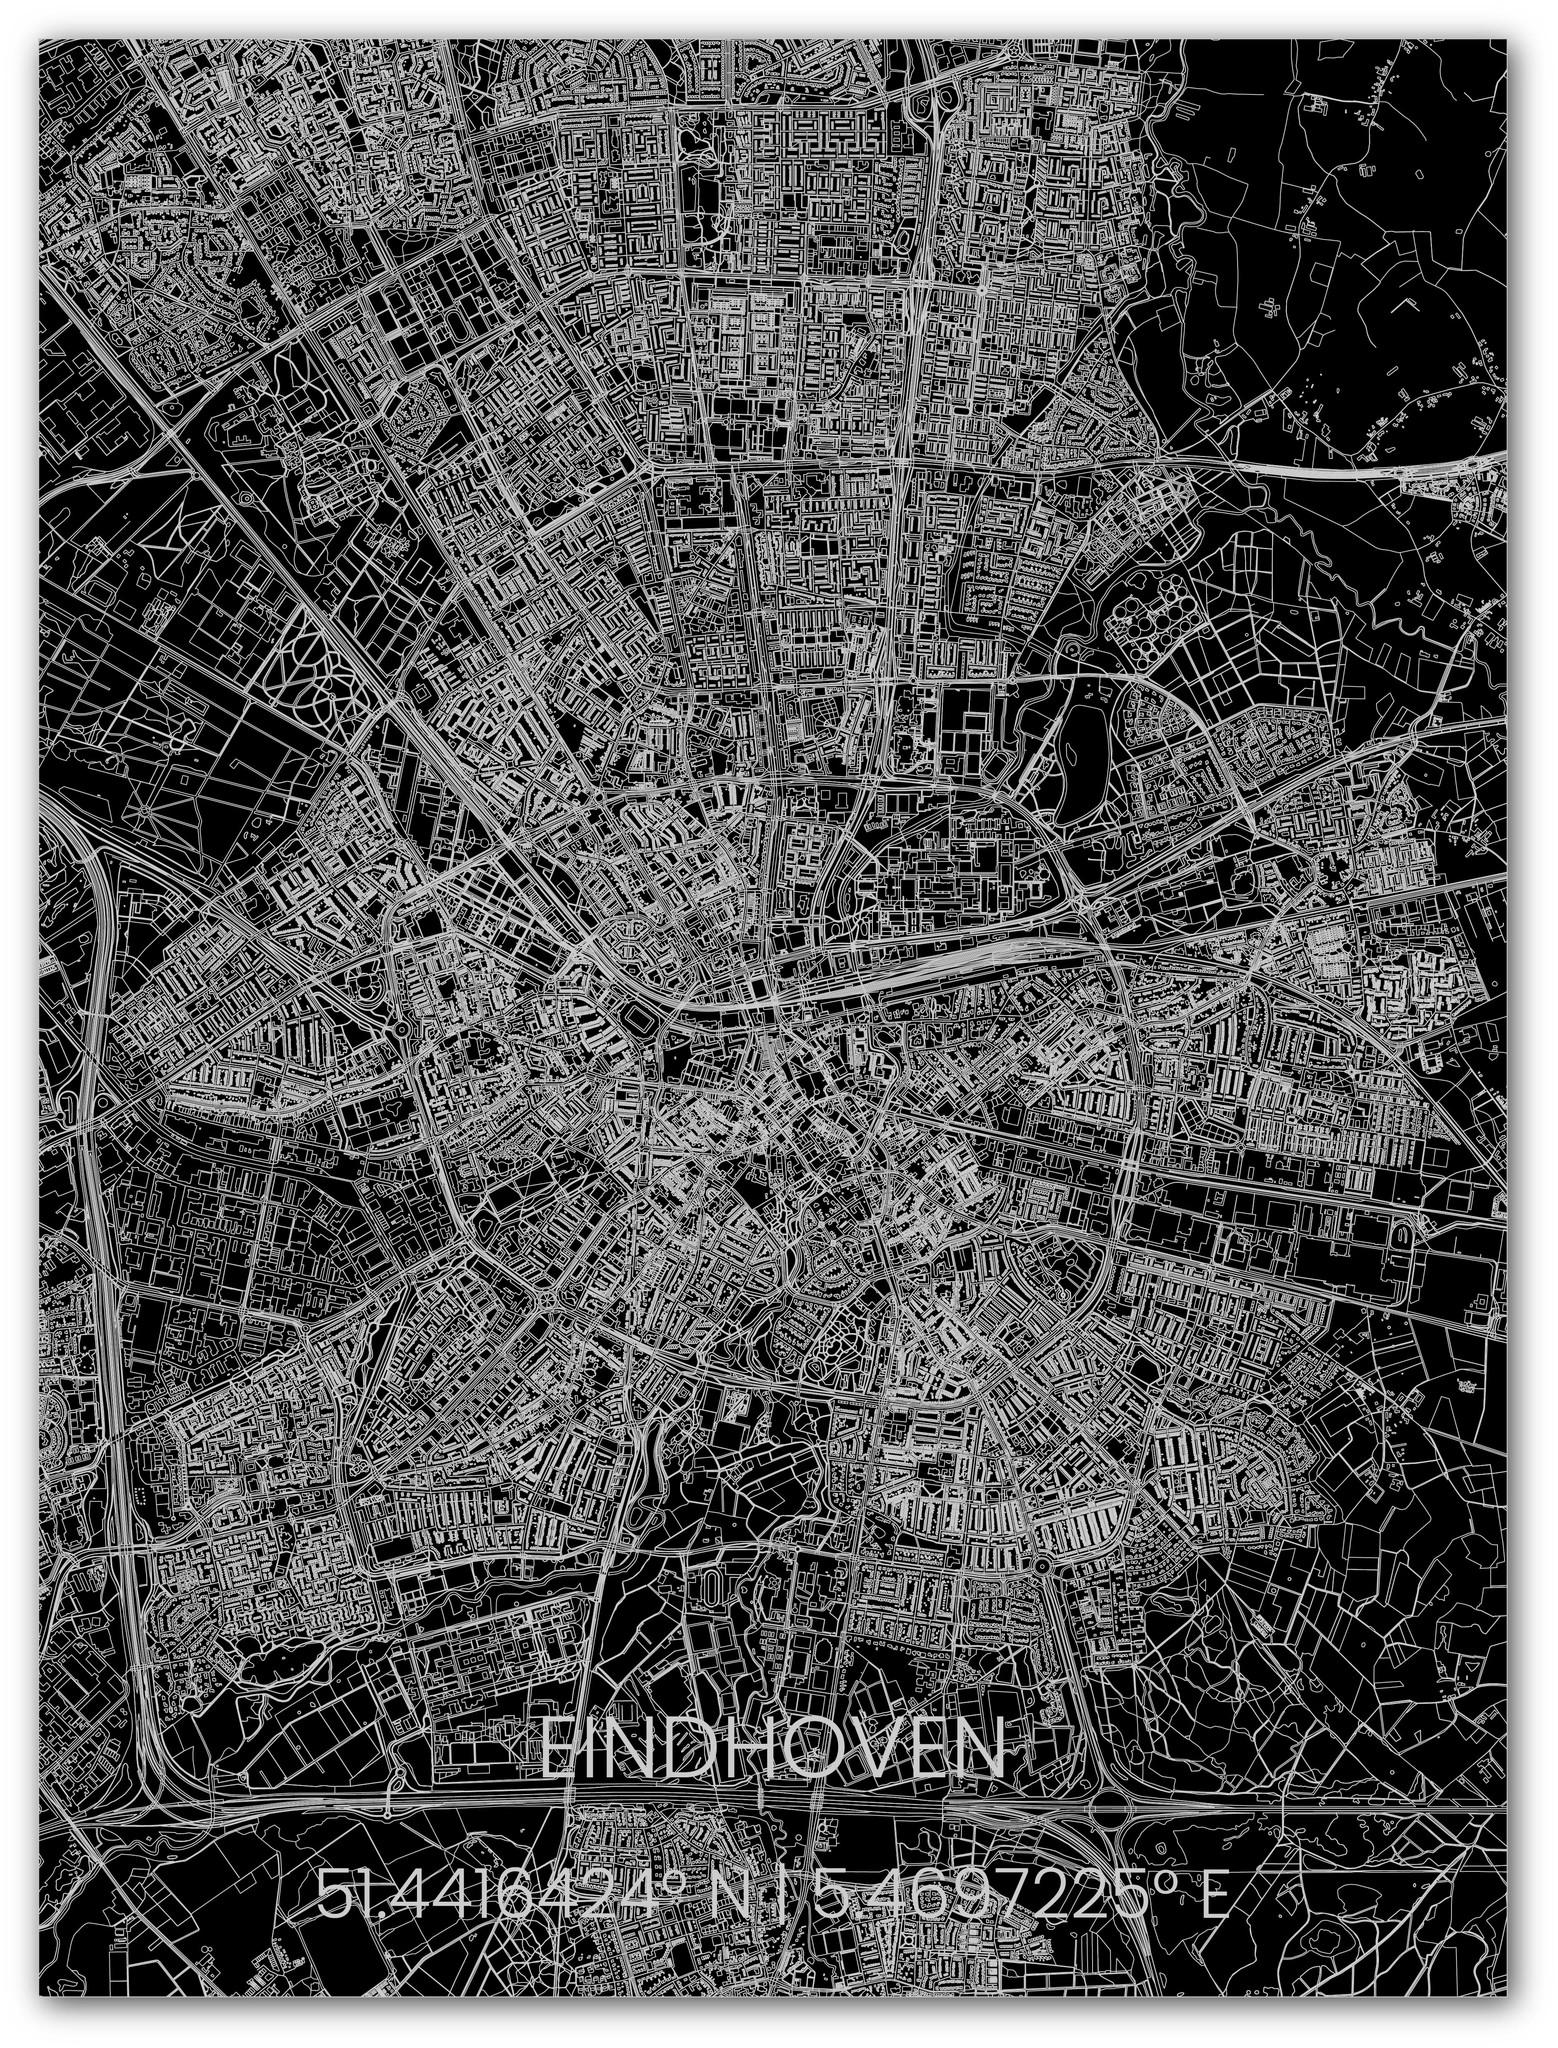 Metalen stadsplattegrond Eindhoven-1